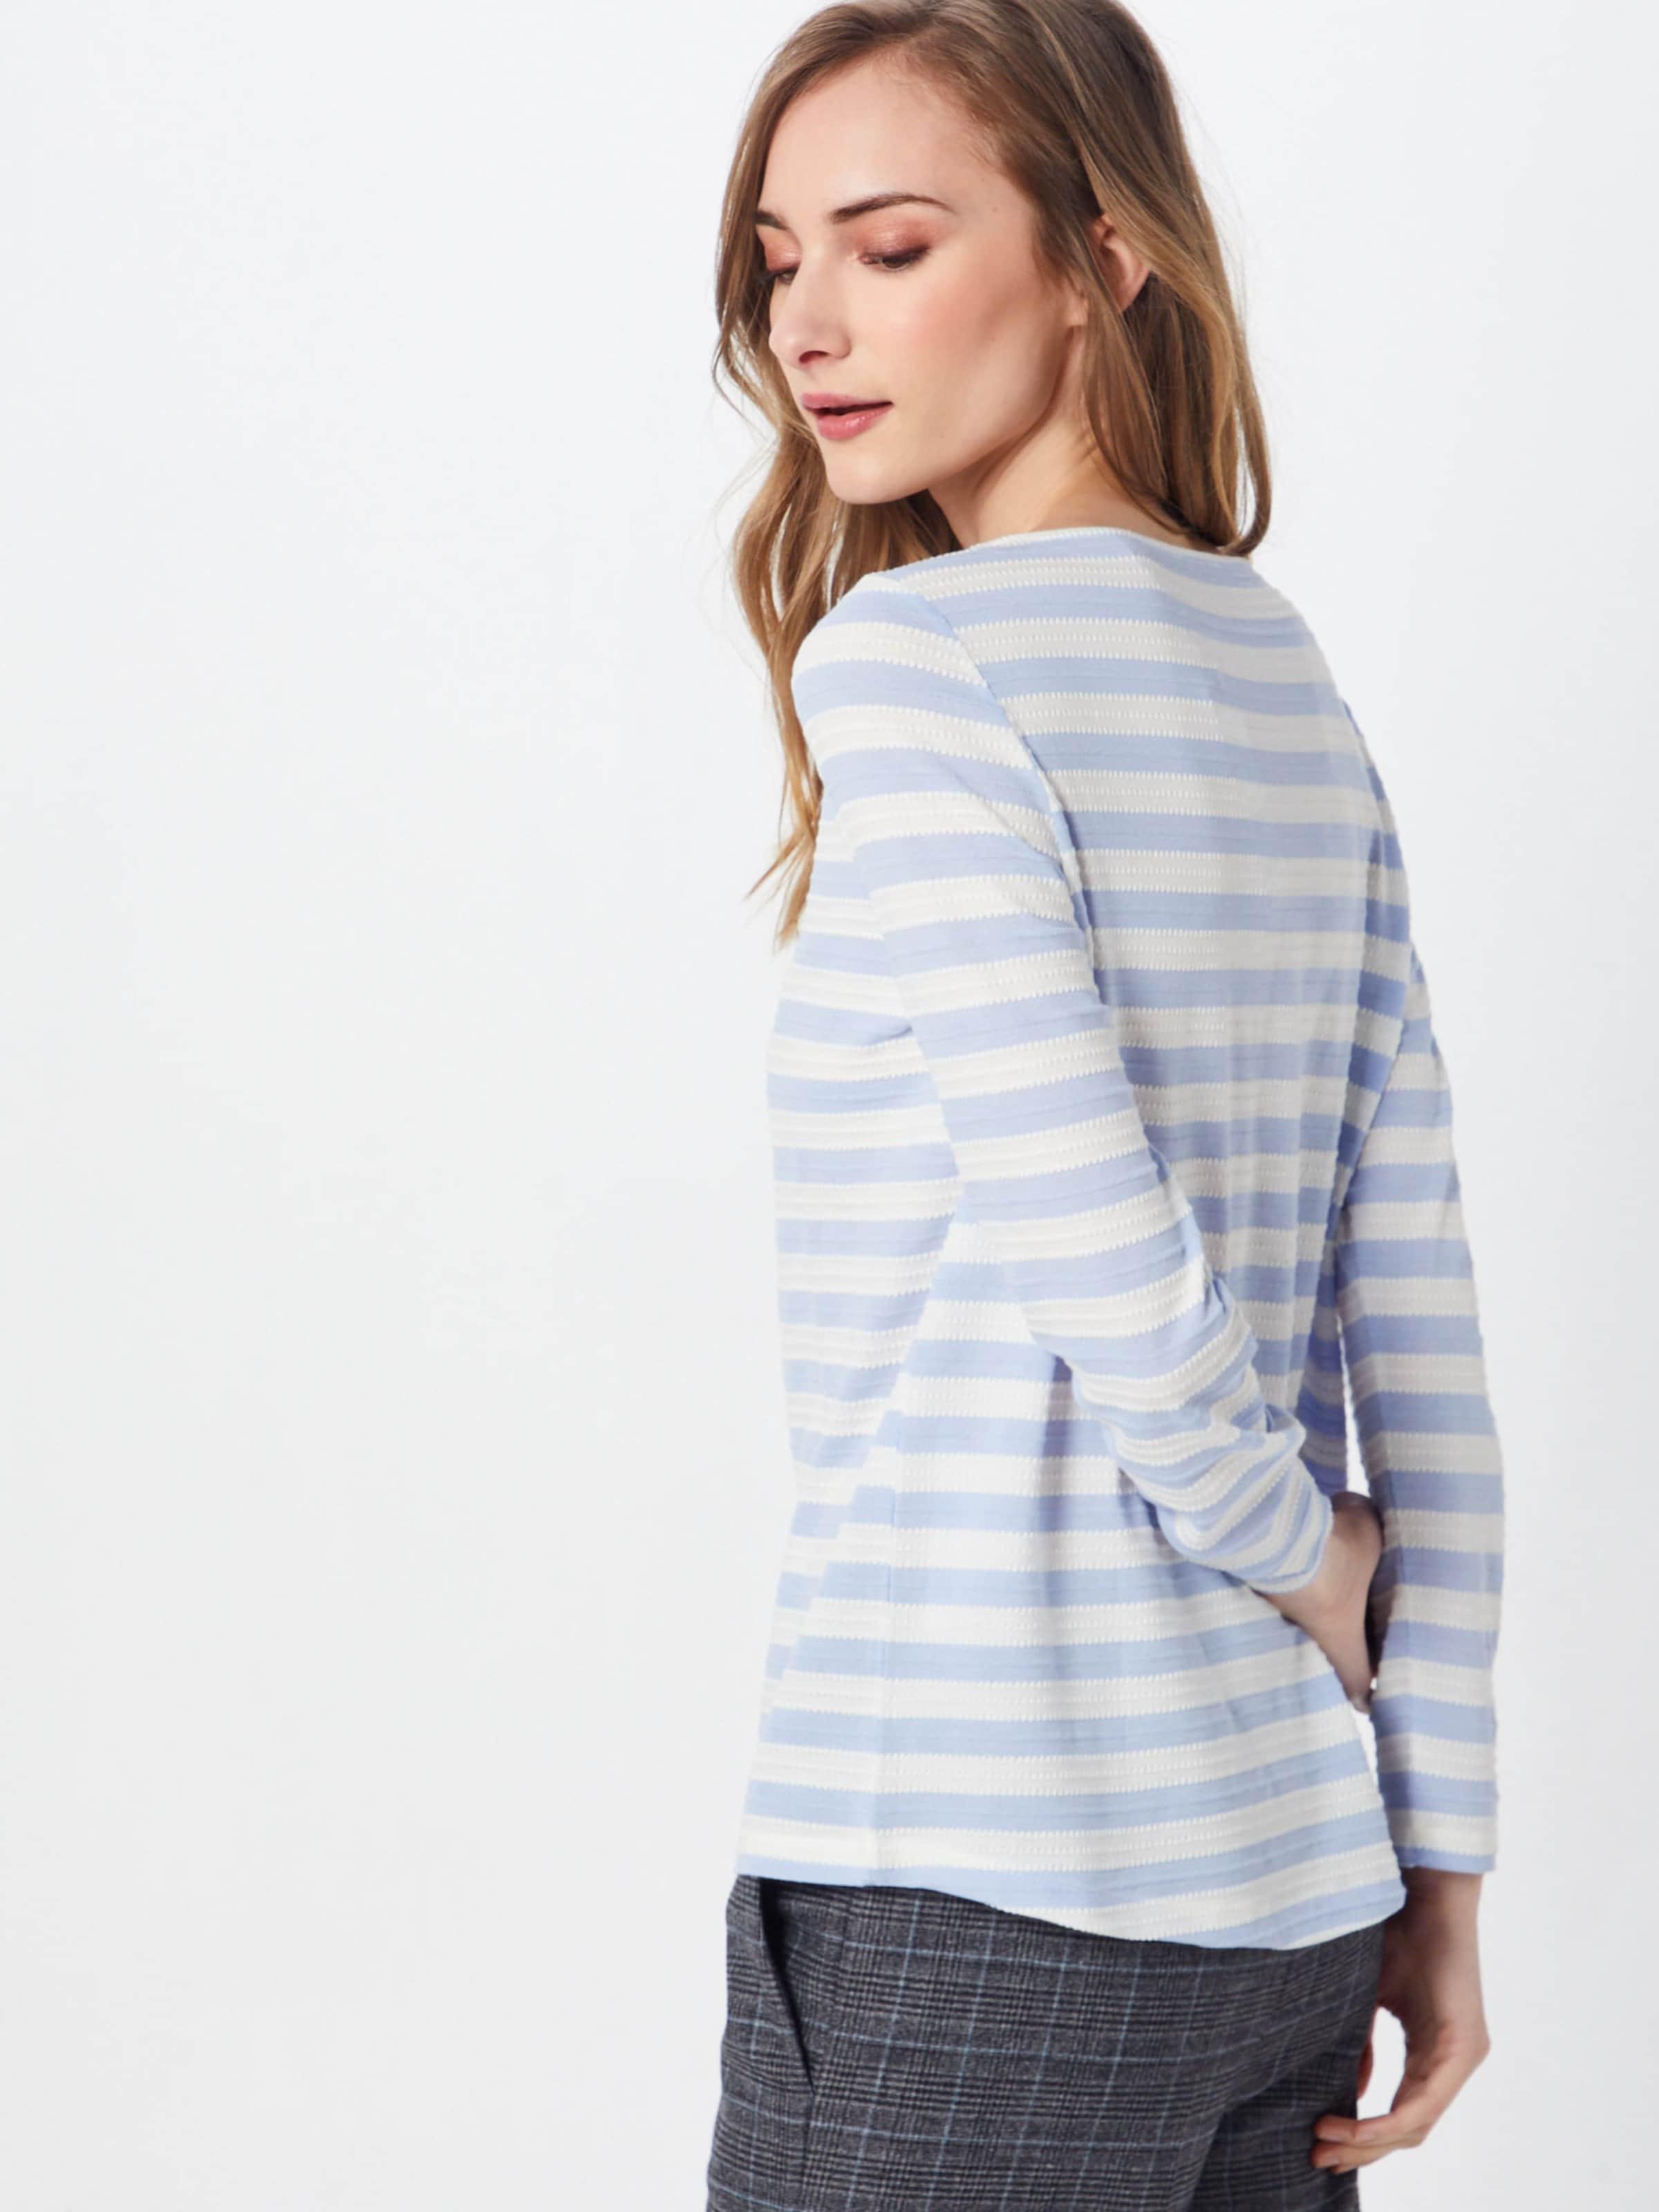 HellblauWeiß Shirt 'streifenshirt' S Label In oliver Red 7Ybfg6y